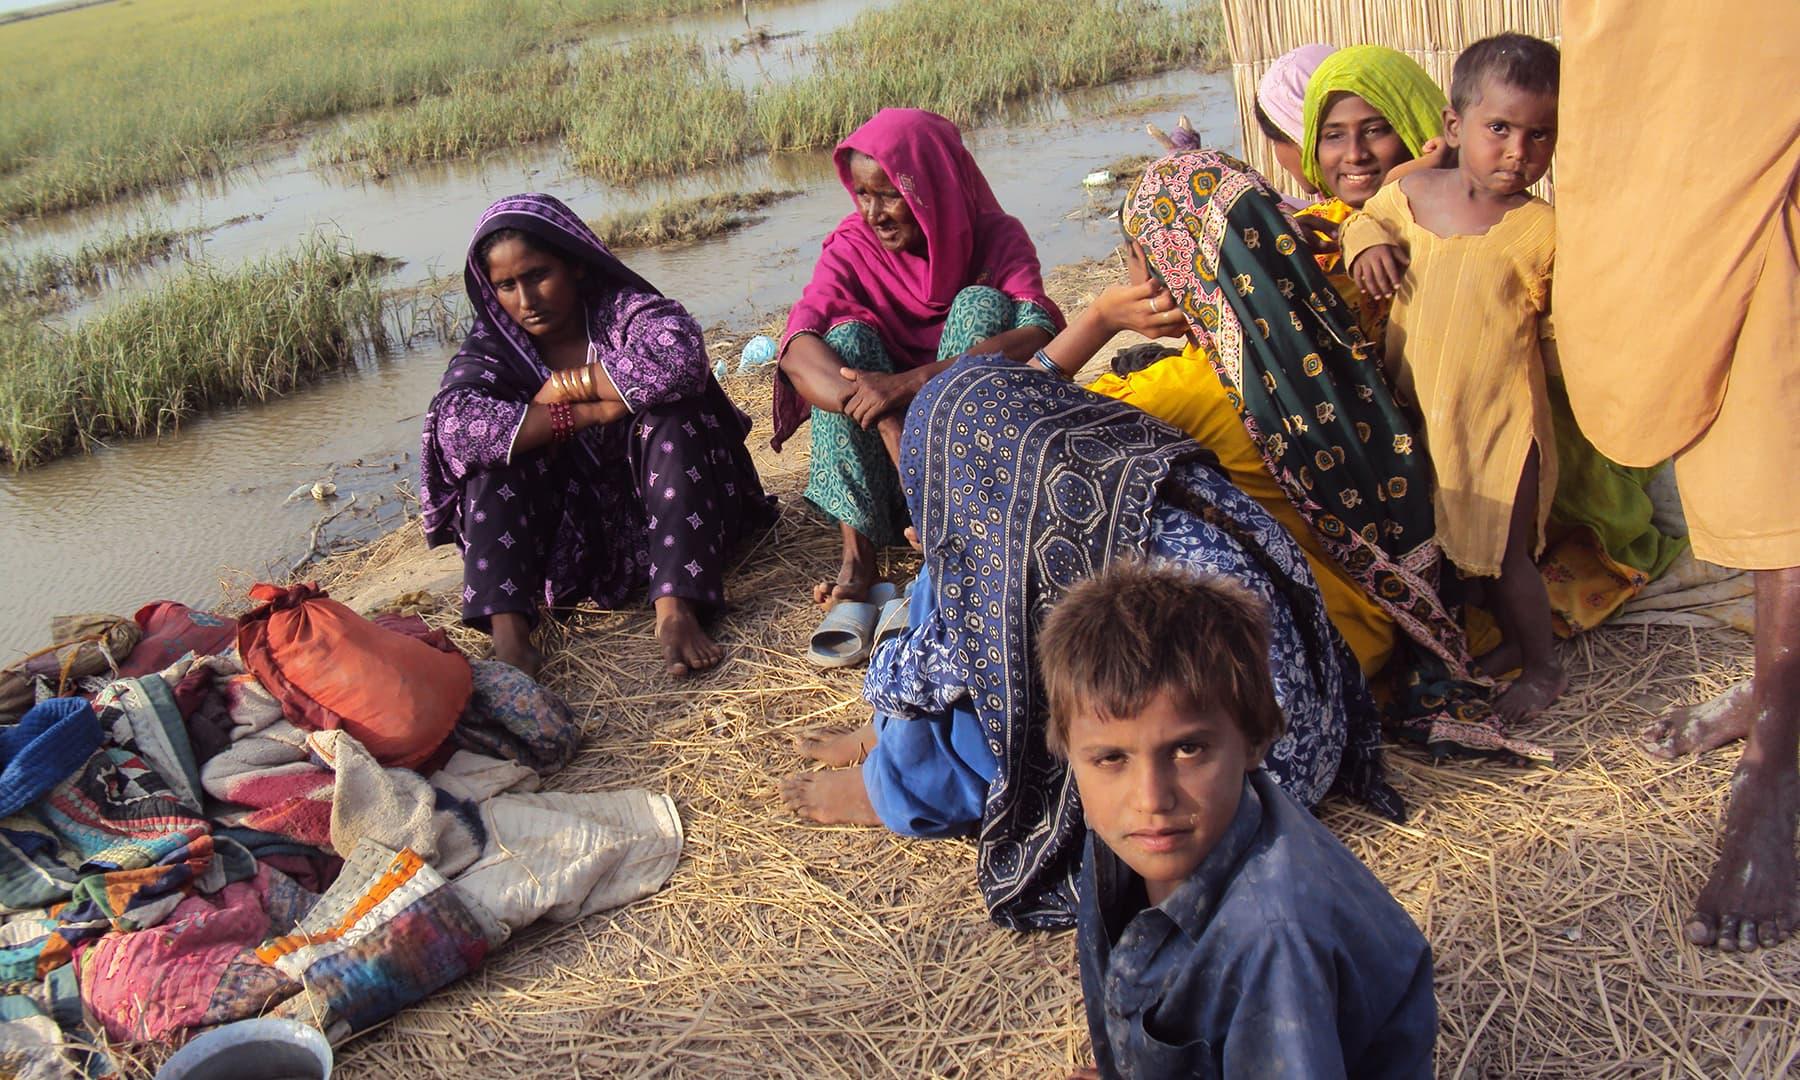 مجھے لگتا ہے کہ جھیل کے کنارے بسے ہوئے مچھیرے، مرچکی نریڑی کا سوگ منانے کے لیے بیٹھے تھے—تصویر ابوبکر شیخ